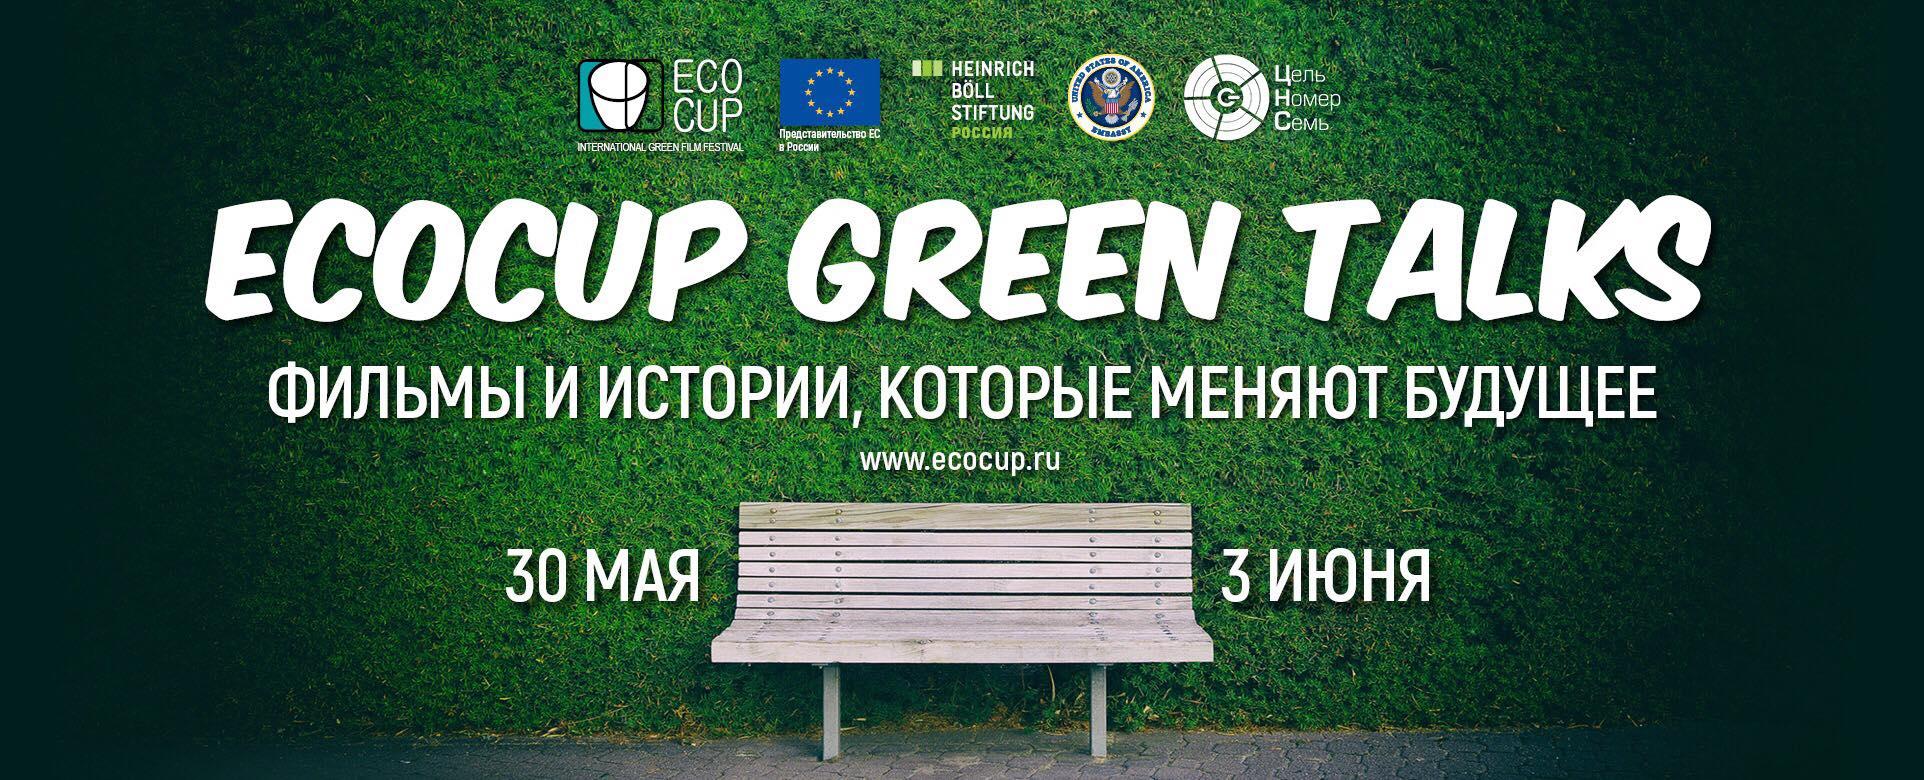 ECOCUP Green Talks: ФИЛЬМЫ, КОТОРЫЕ МЕНЯЮТ БУДУЩЕЕ